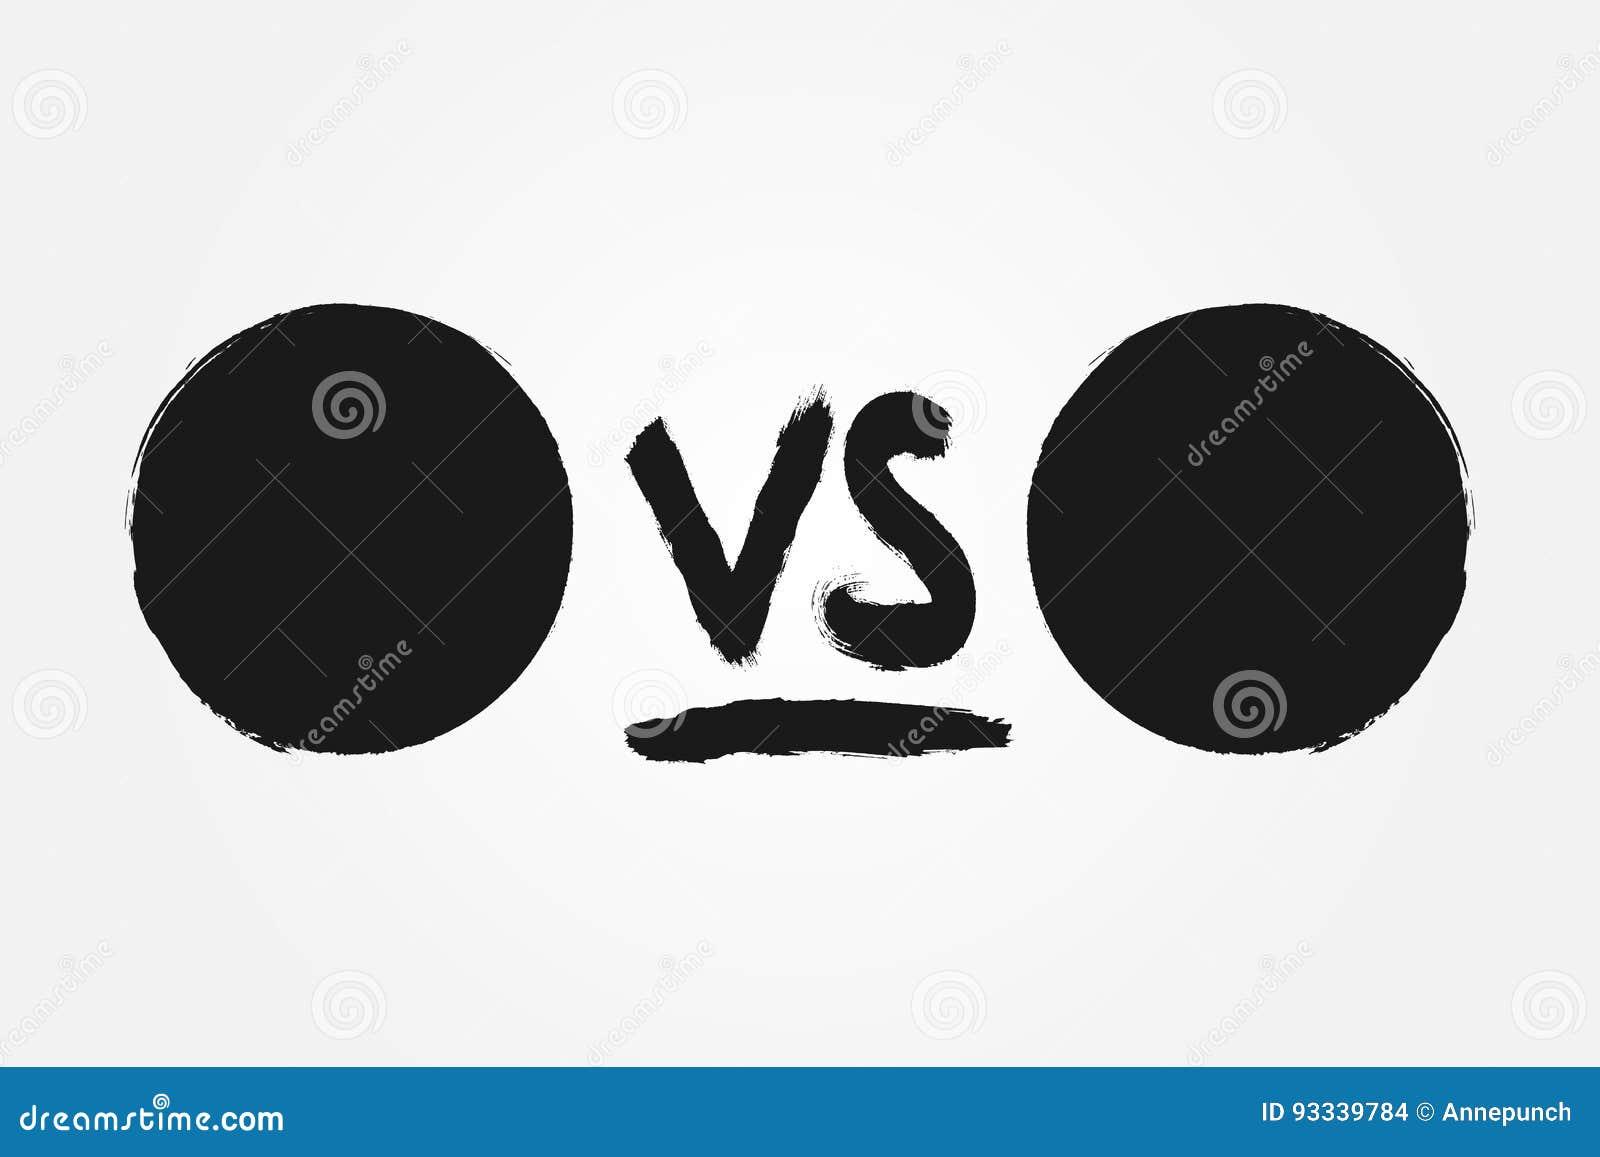 Schablone für gegen Runde Hintergründe und Handschrift GEGEN Gezeichnet mit einer rauen Bürste